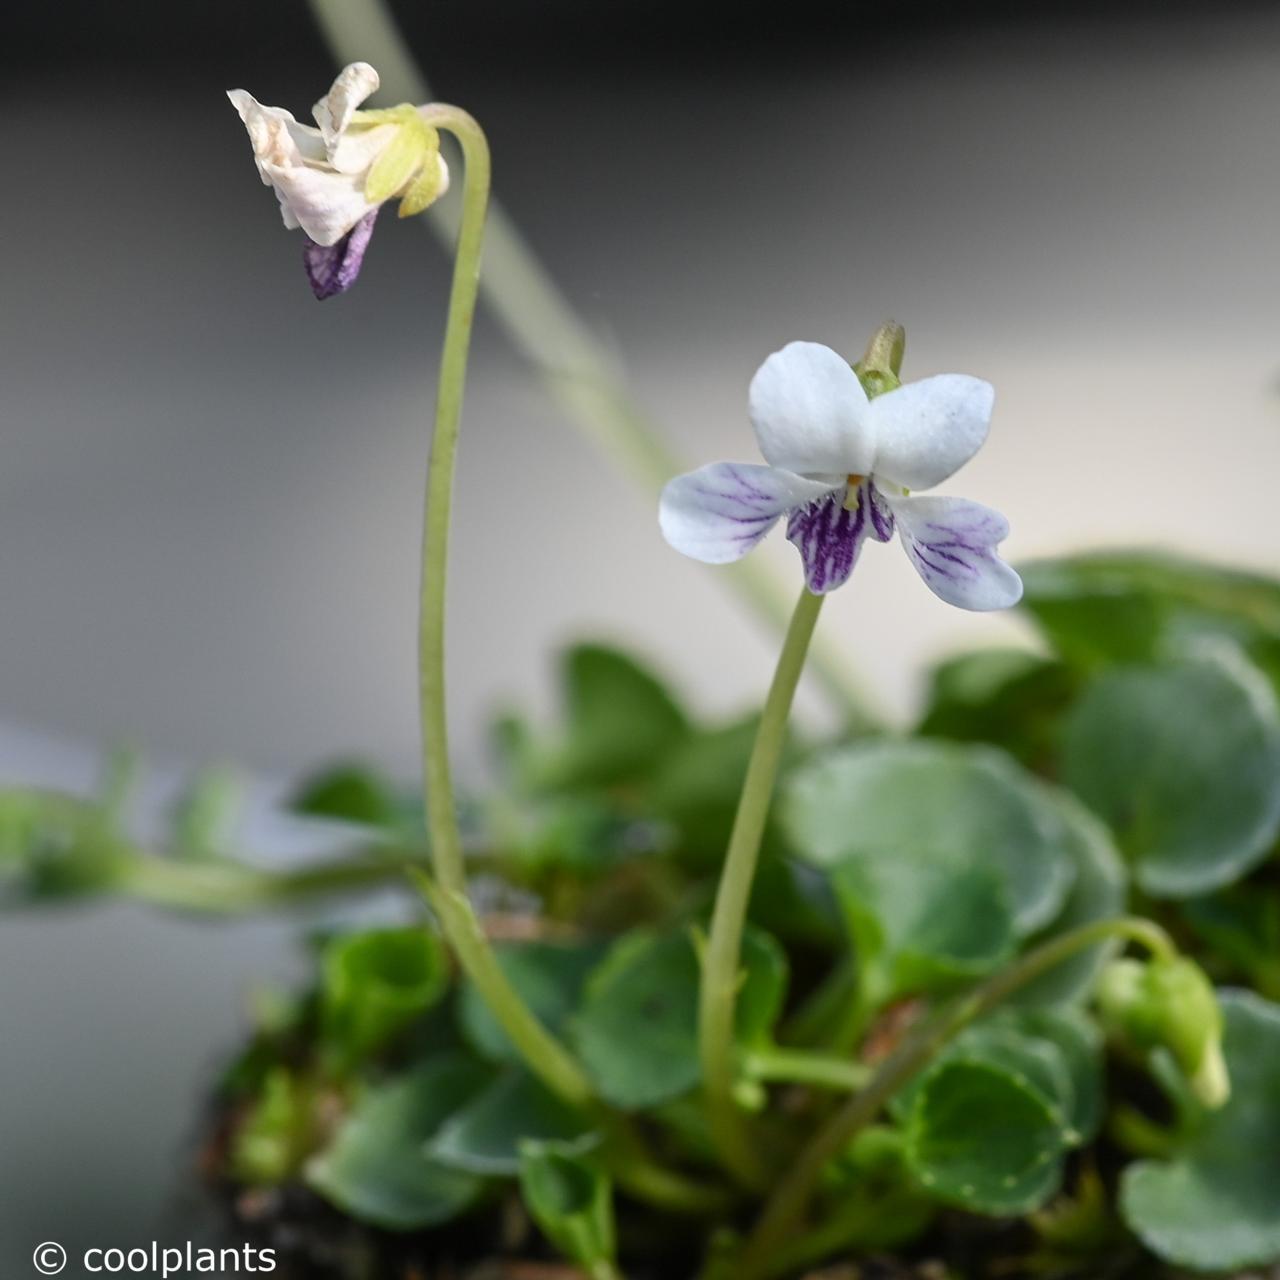 Viola verecunda var. yakusimana plant